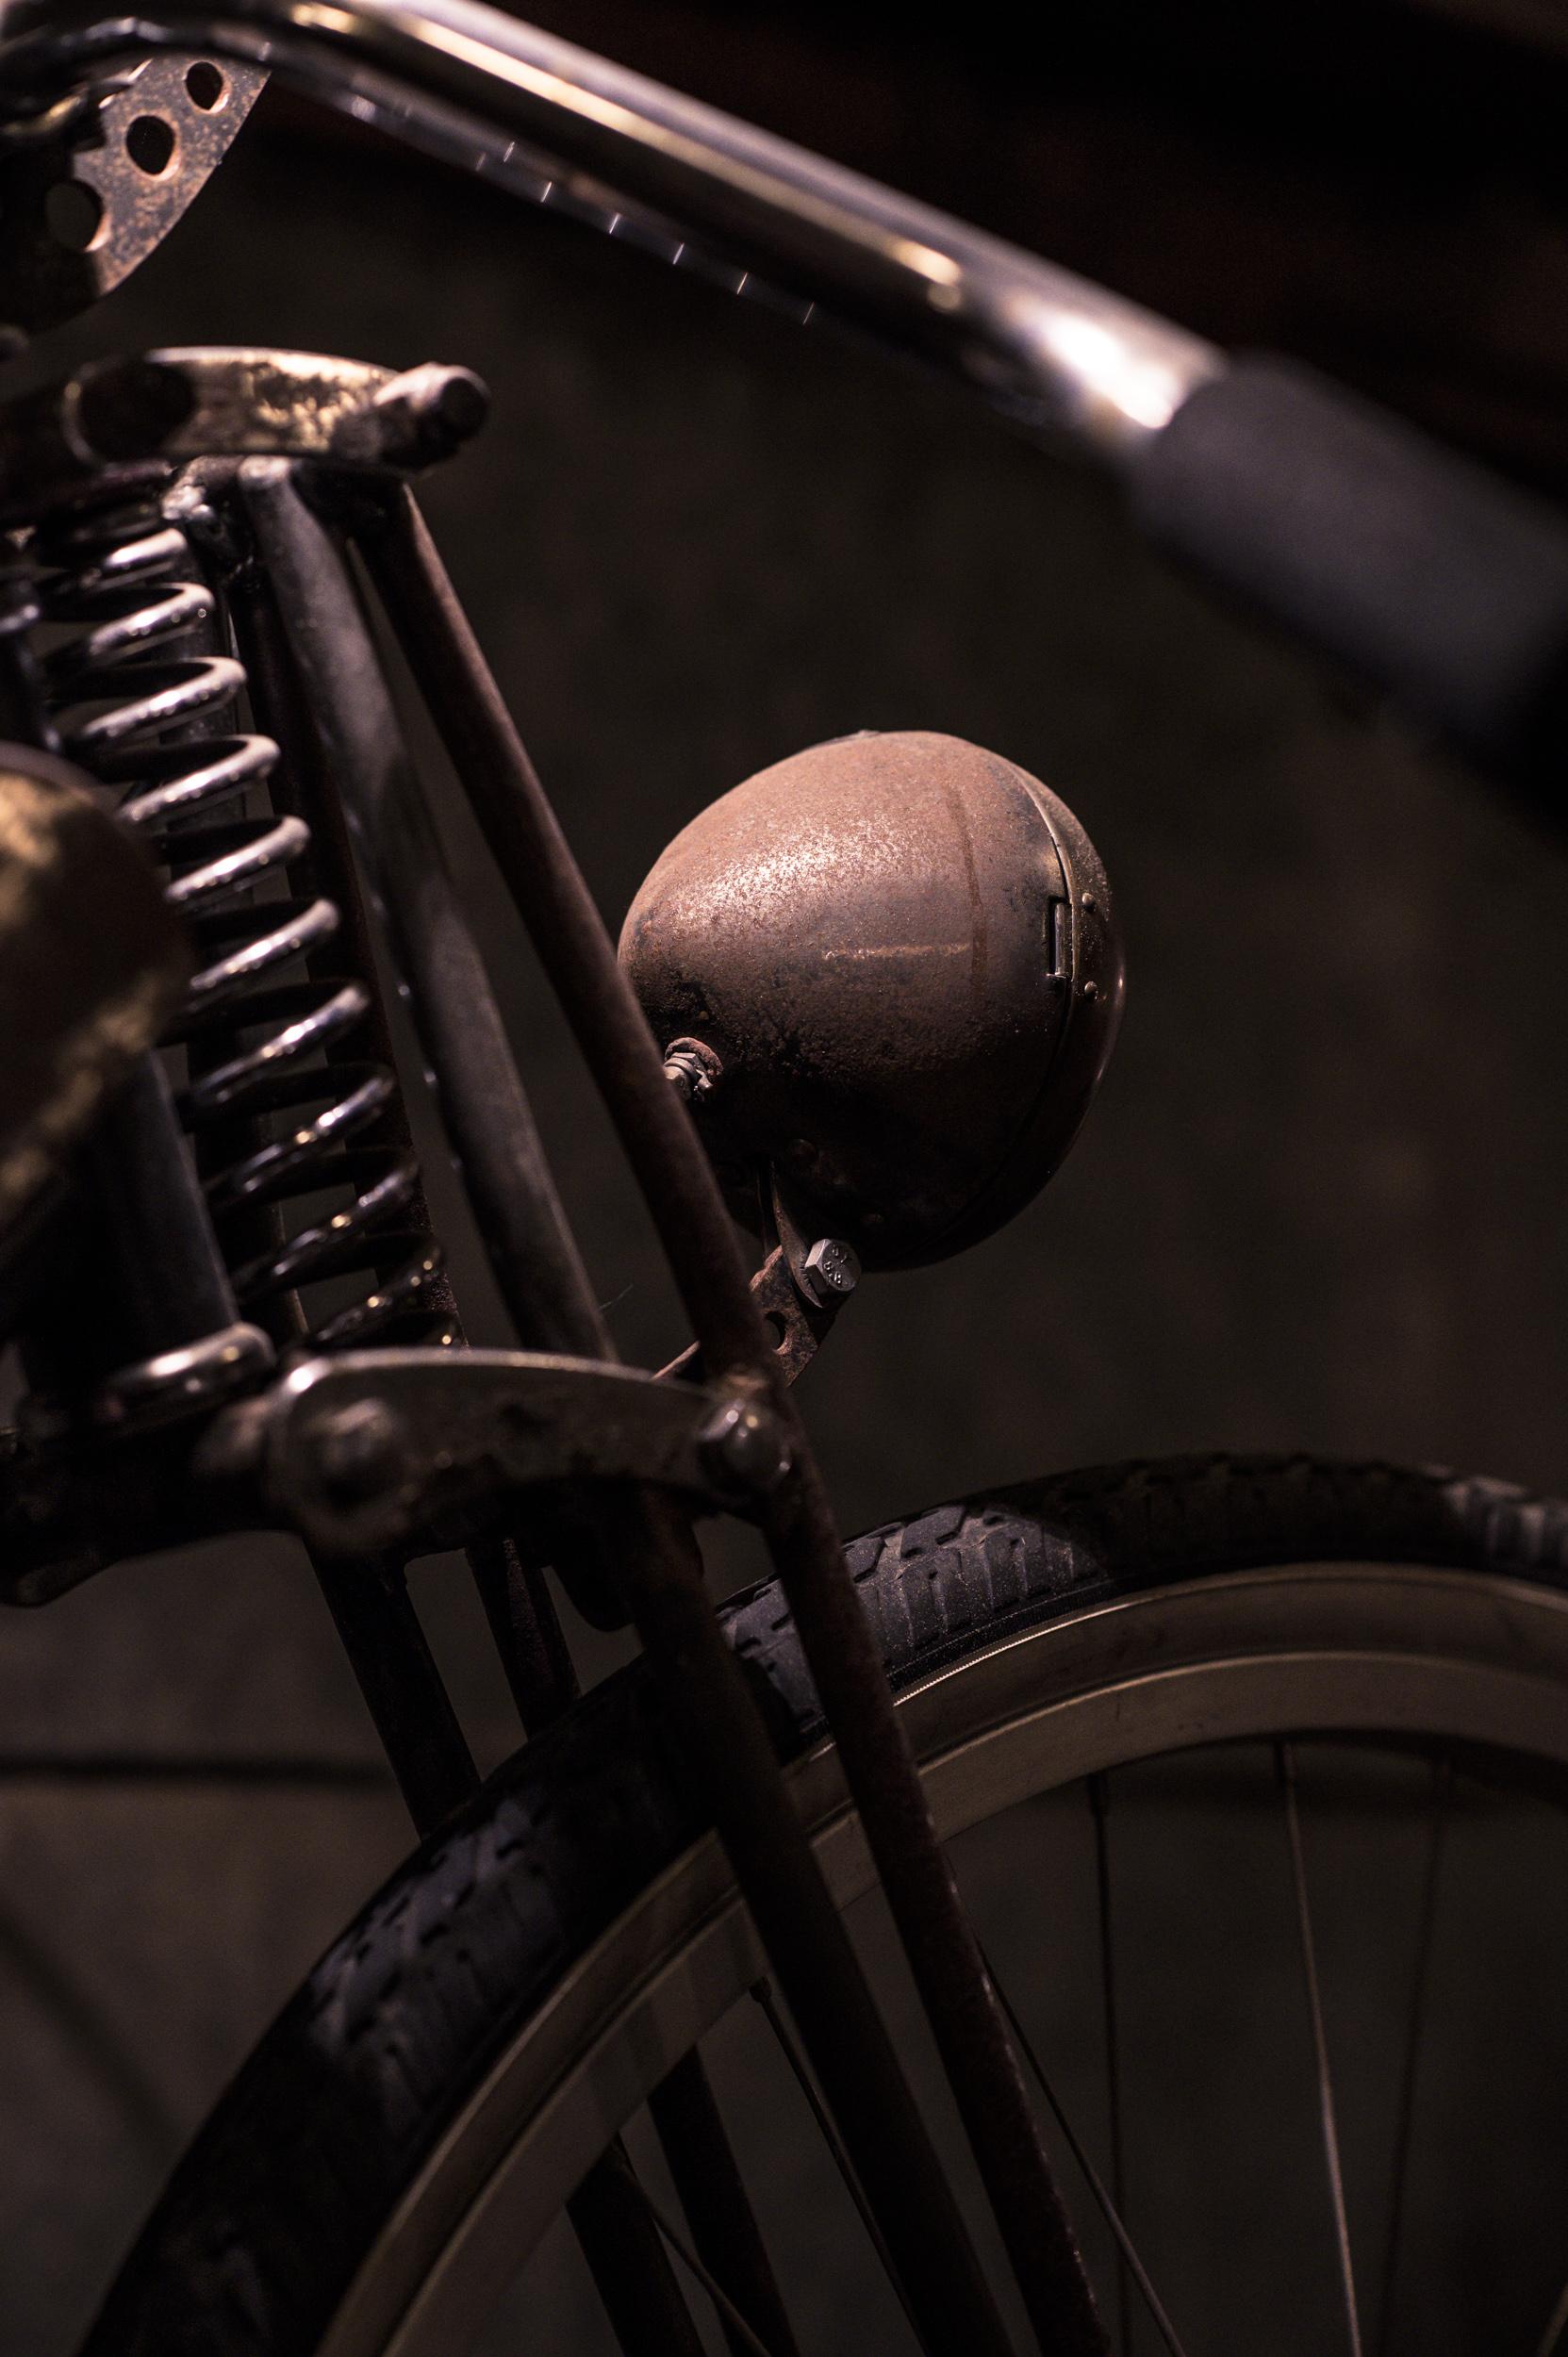 Det  var så roliga konstruktioner förr i tiden, underbart hantverk. Här en framgaffel på en motorcykel.